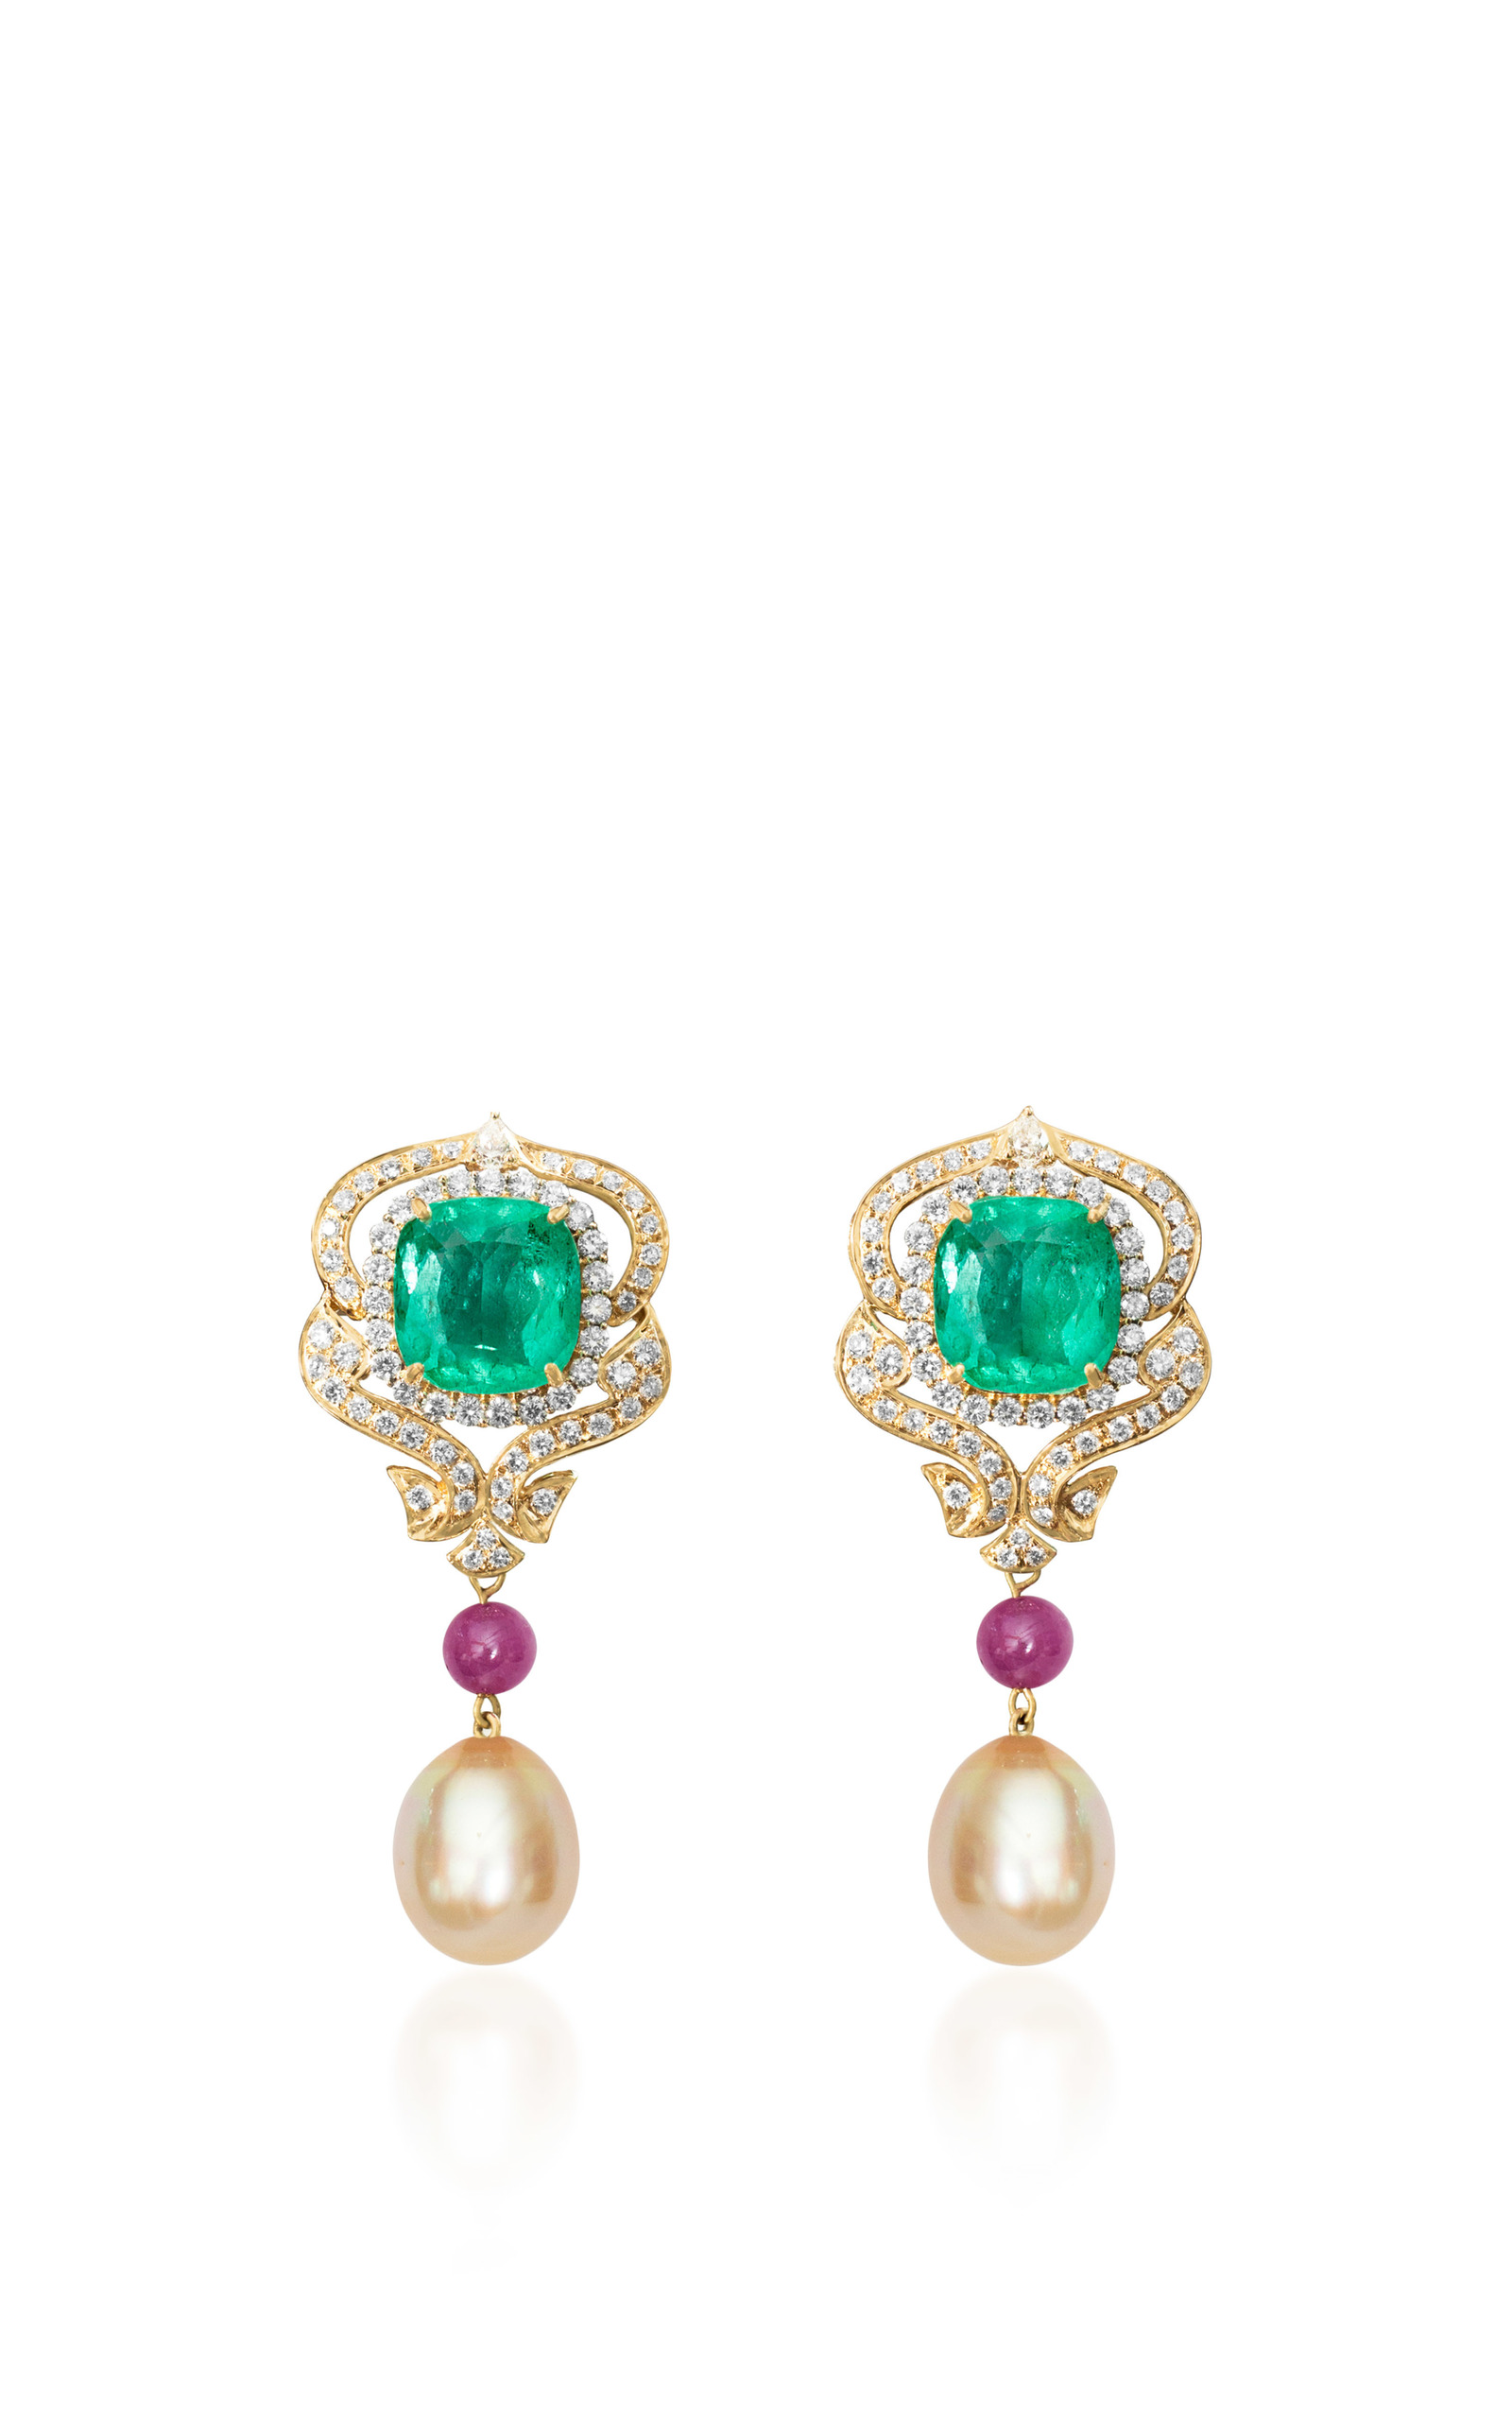 Regal Emerald Earring by Farah Khan Fine Jewelry | Moda Operandi